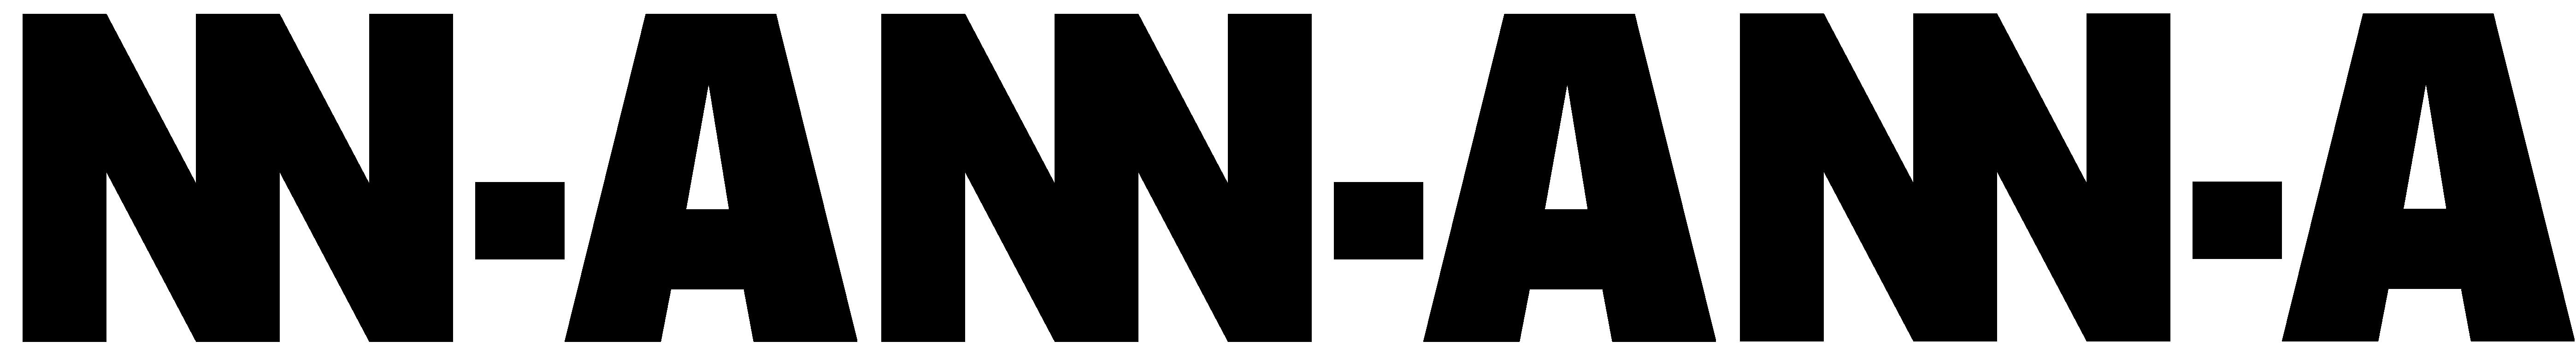 NN-A NN-A NN-A